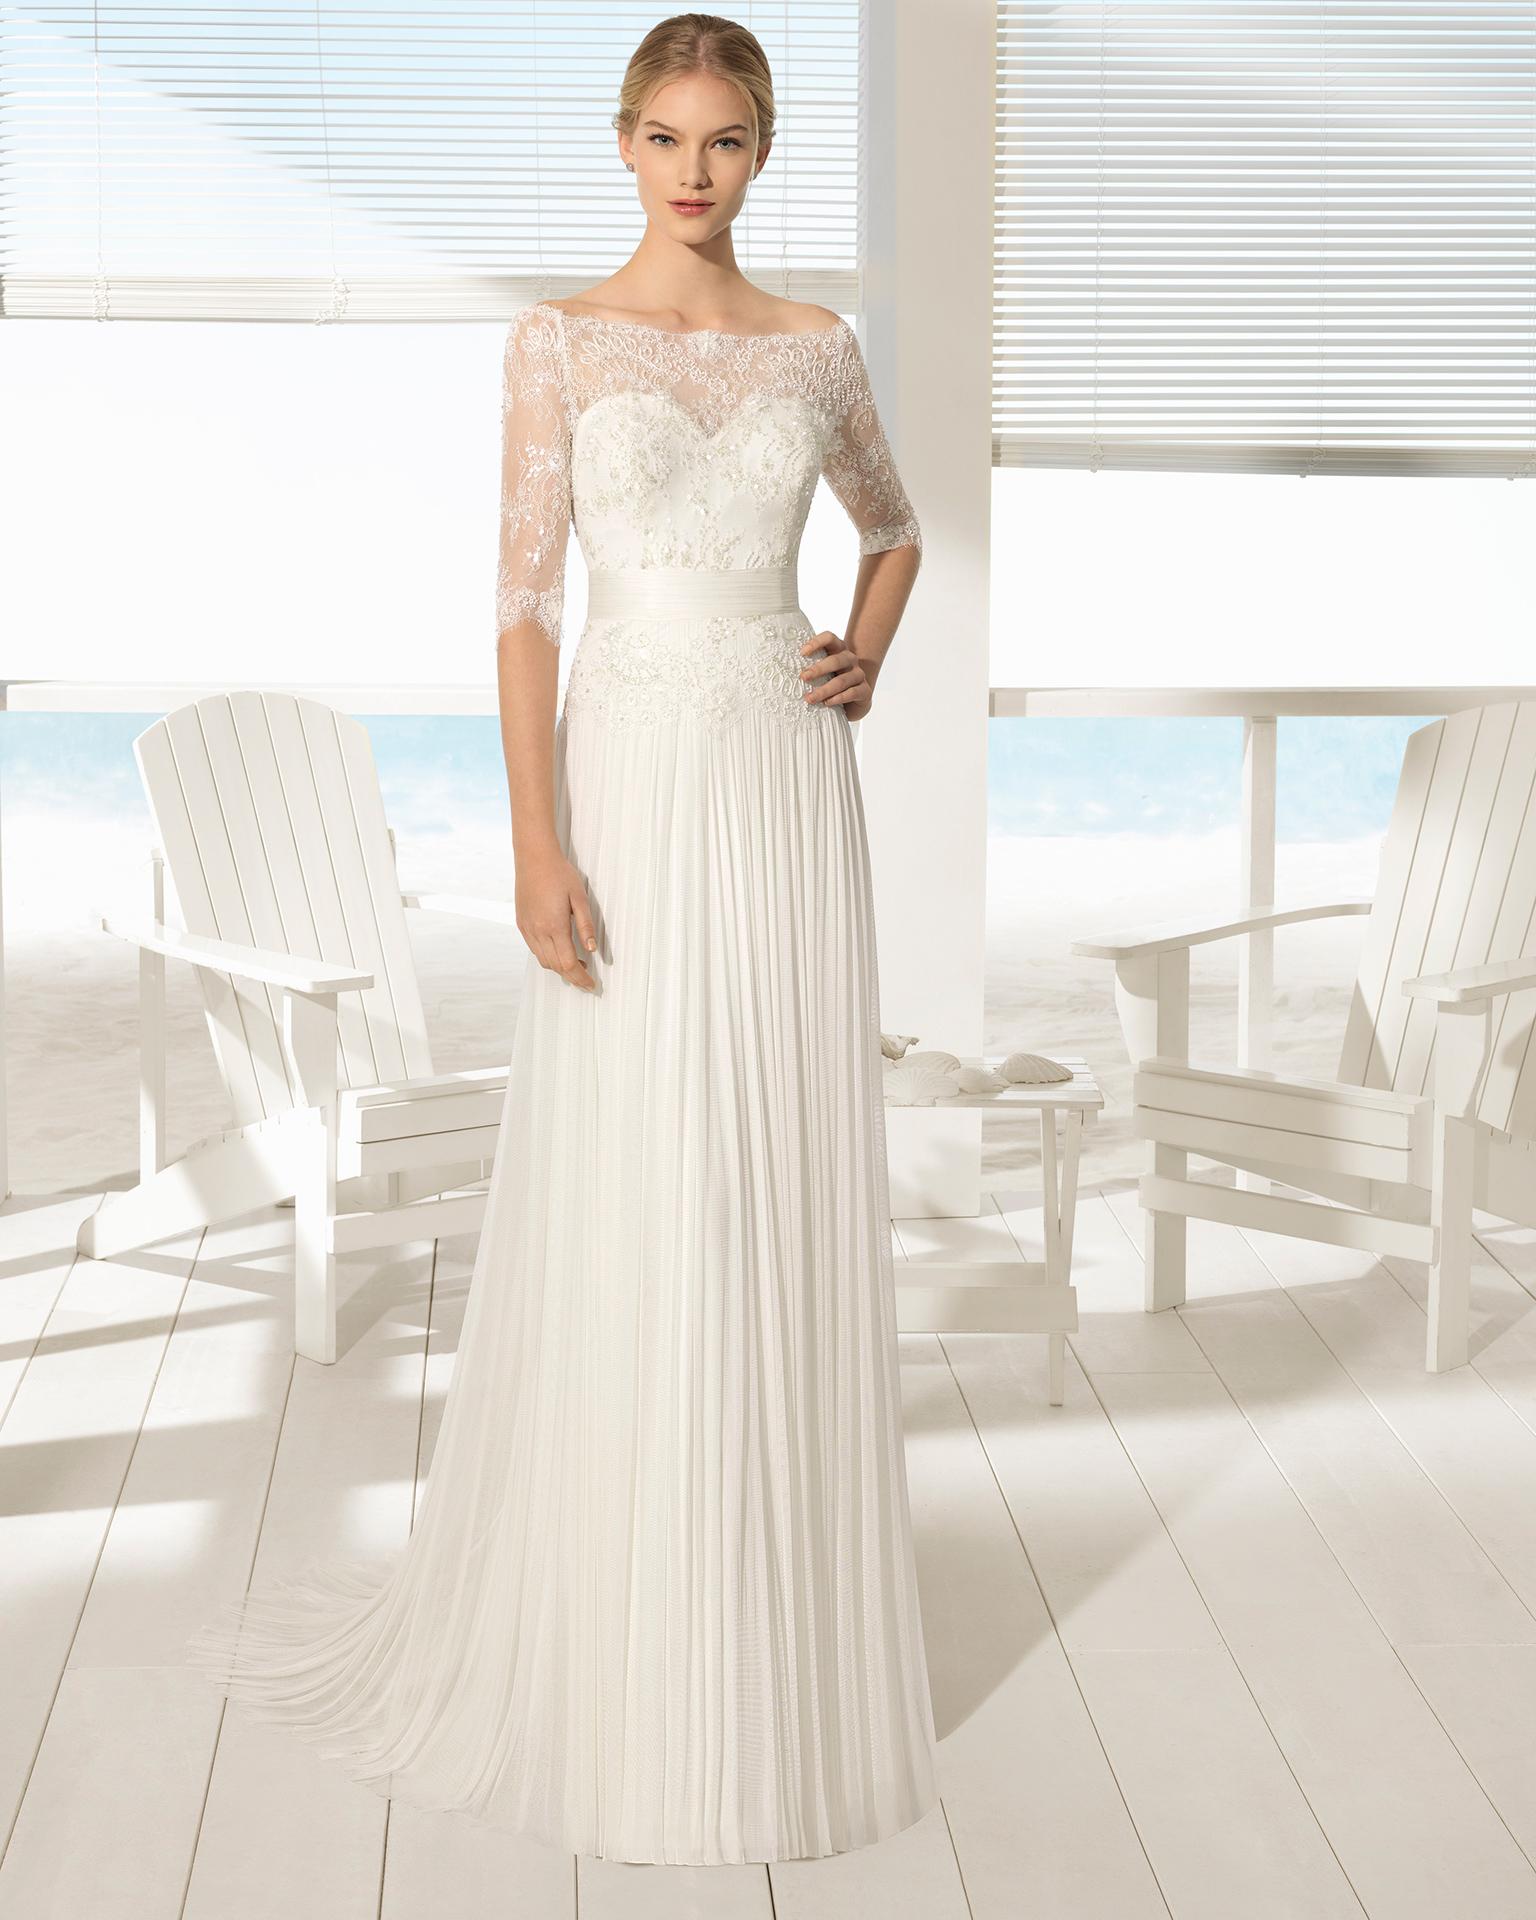 Robe de mariée style bohème en dentelle avec pierreries et mousseline de soie, manches longues et col illusion sur col en cœur.